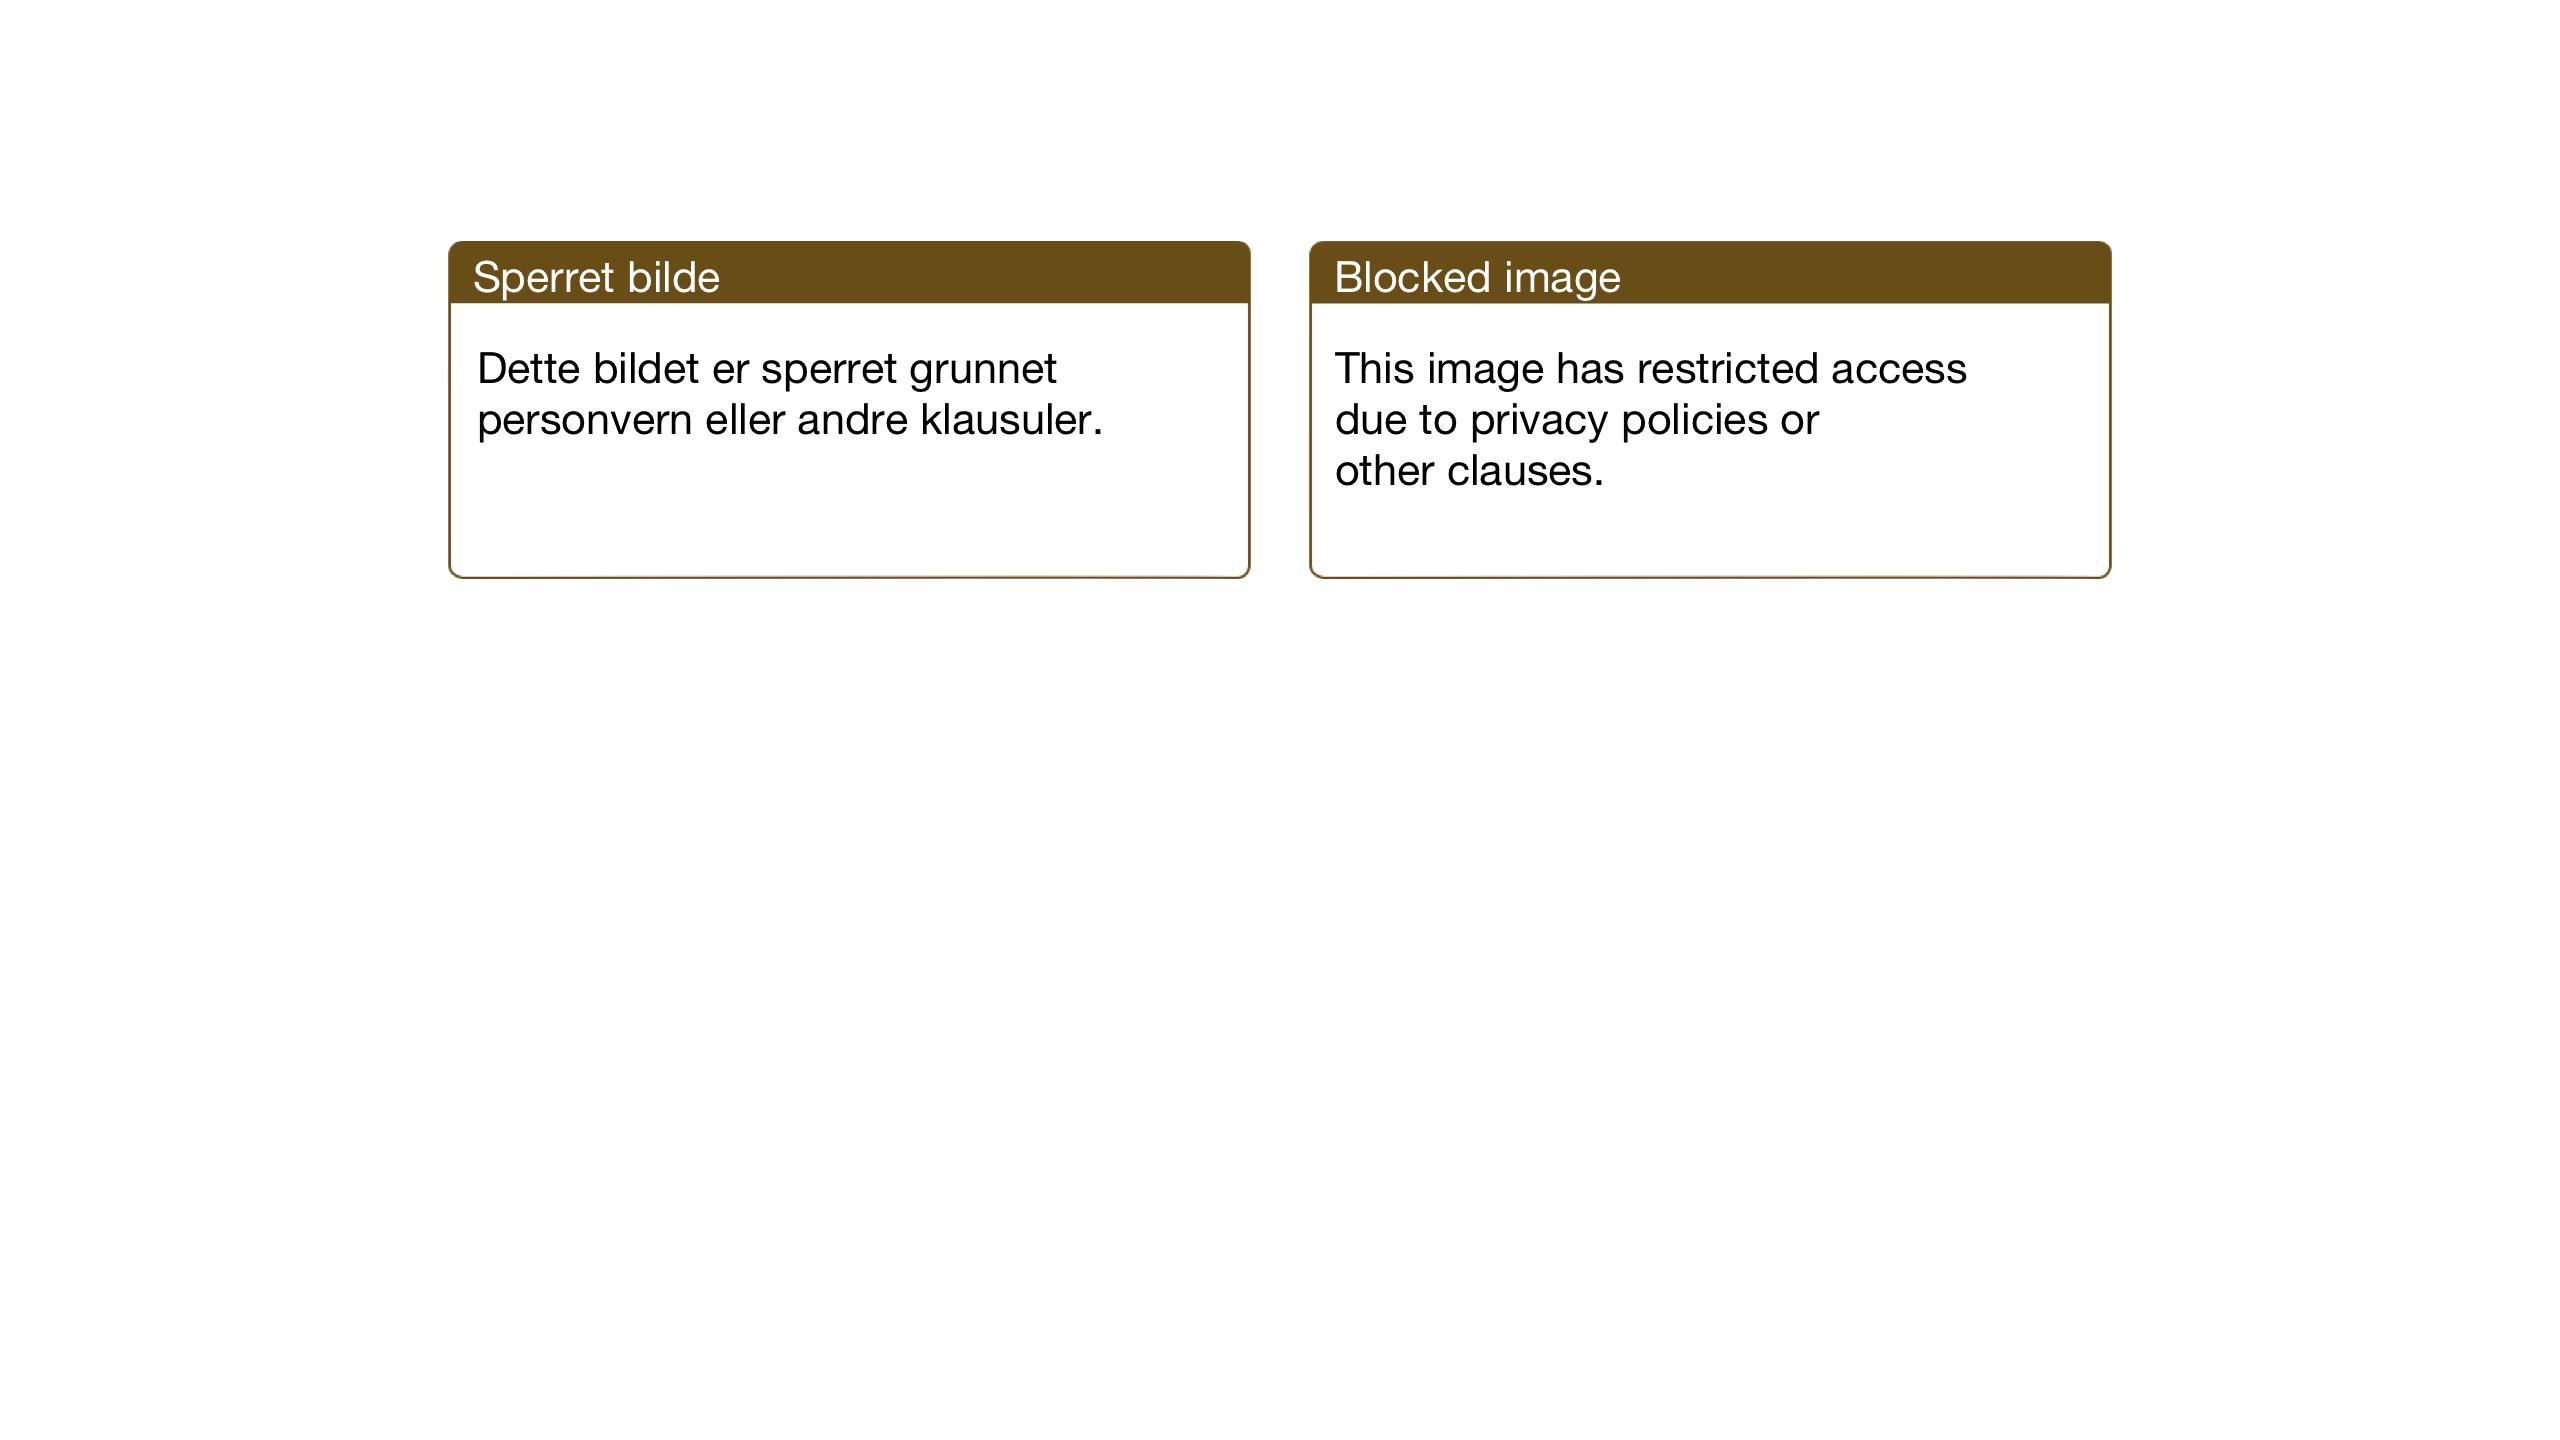 SAT, Ministerialprotokoller, klokkerbøker og fødselsregistre - Sør-Trøndelag, 672/L0866: Klokkerbok nr. 672C05, 1929-1939, s. 8